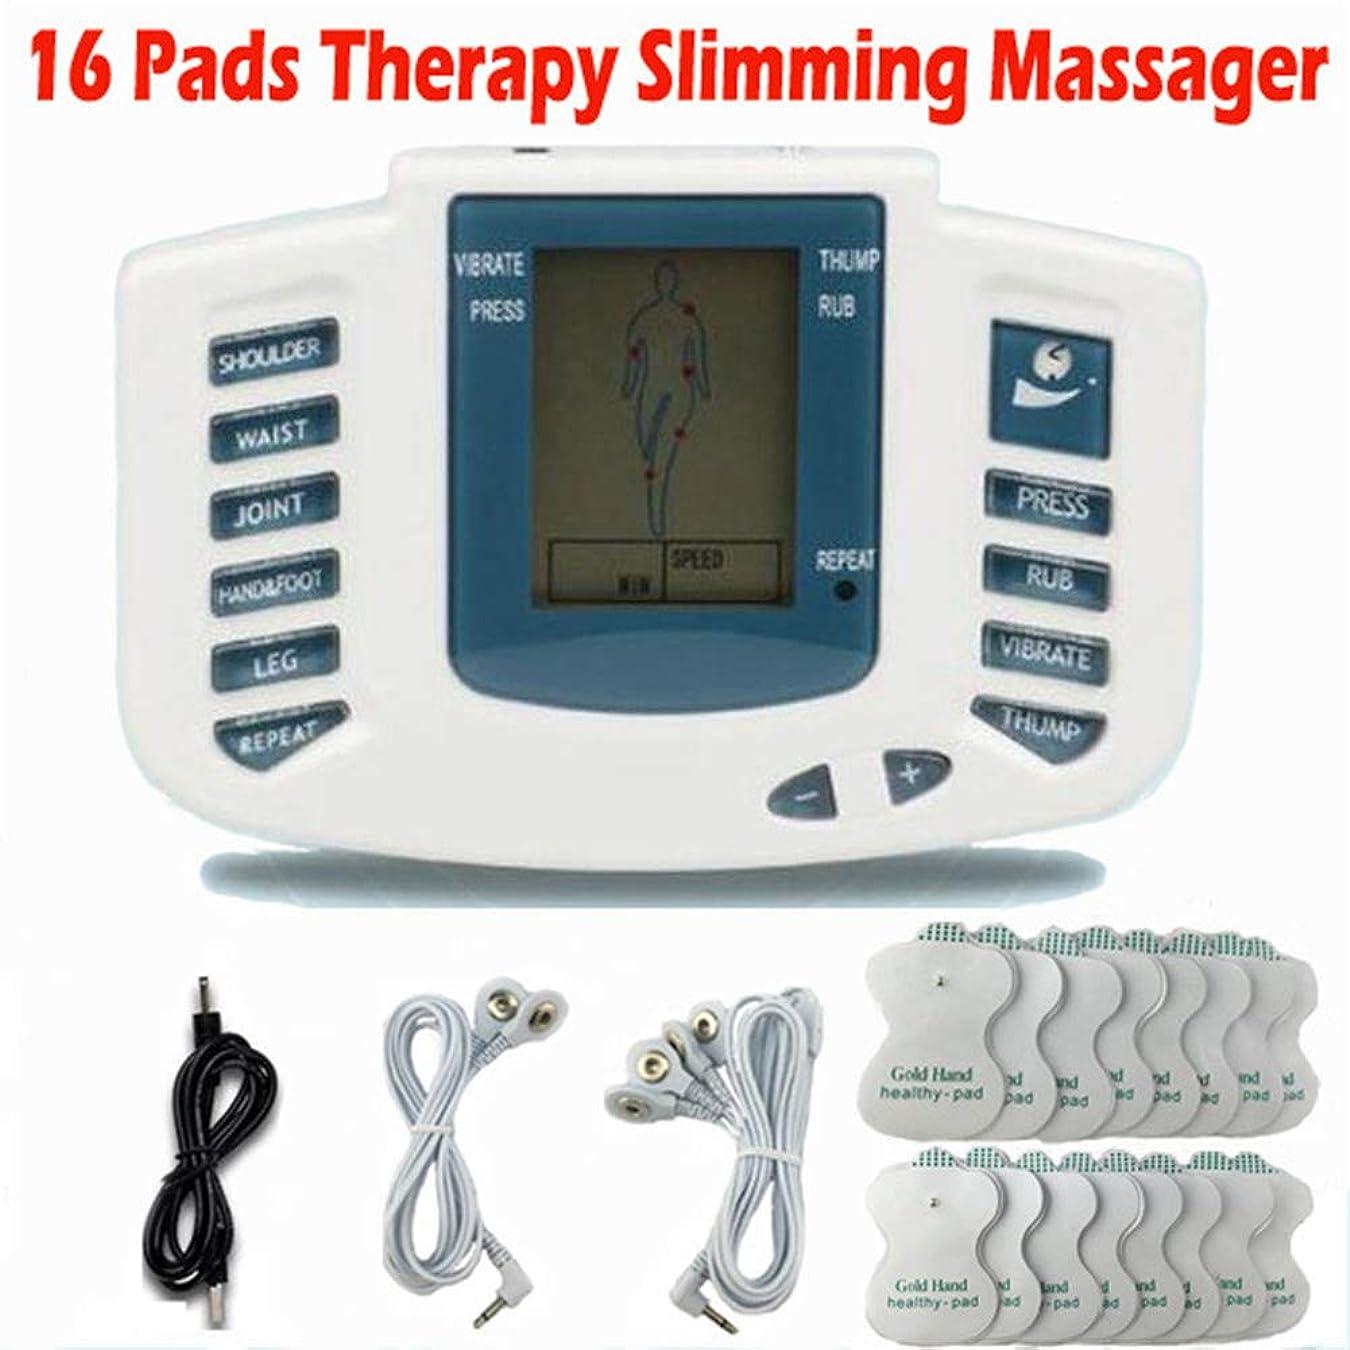 寝具コマンドもろい背部マッサージャー電気筋肉刺激装置鍼治療療法の減量機械16パッド全身のボディマッサージマッサージ痛みを和らげる